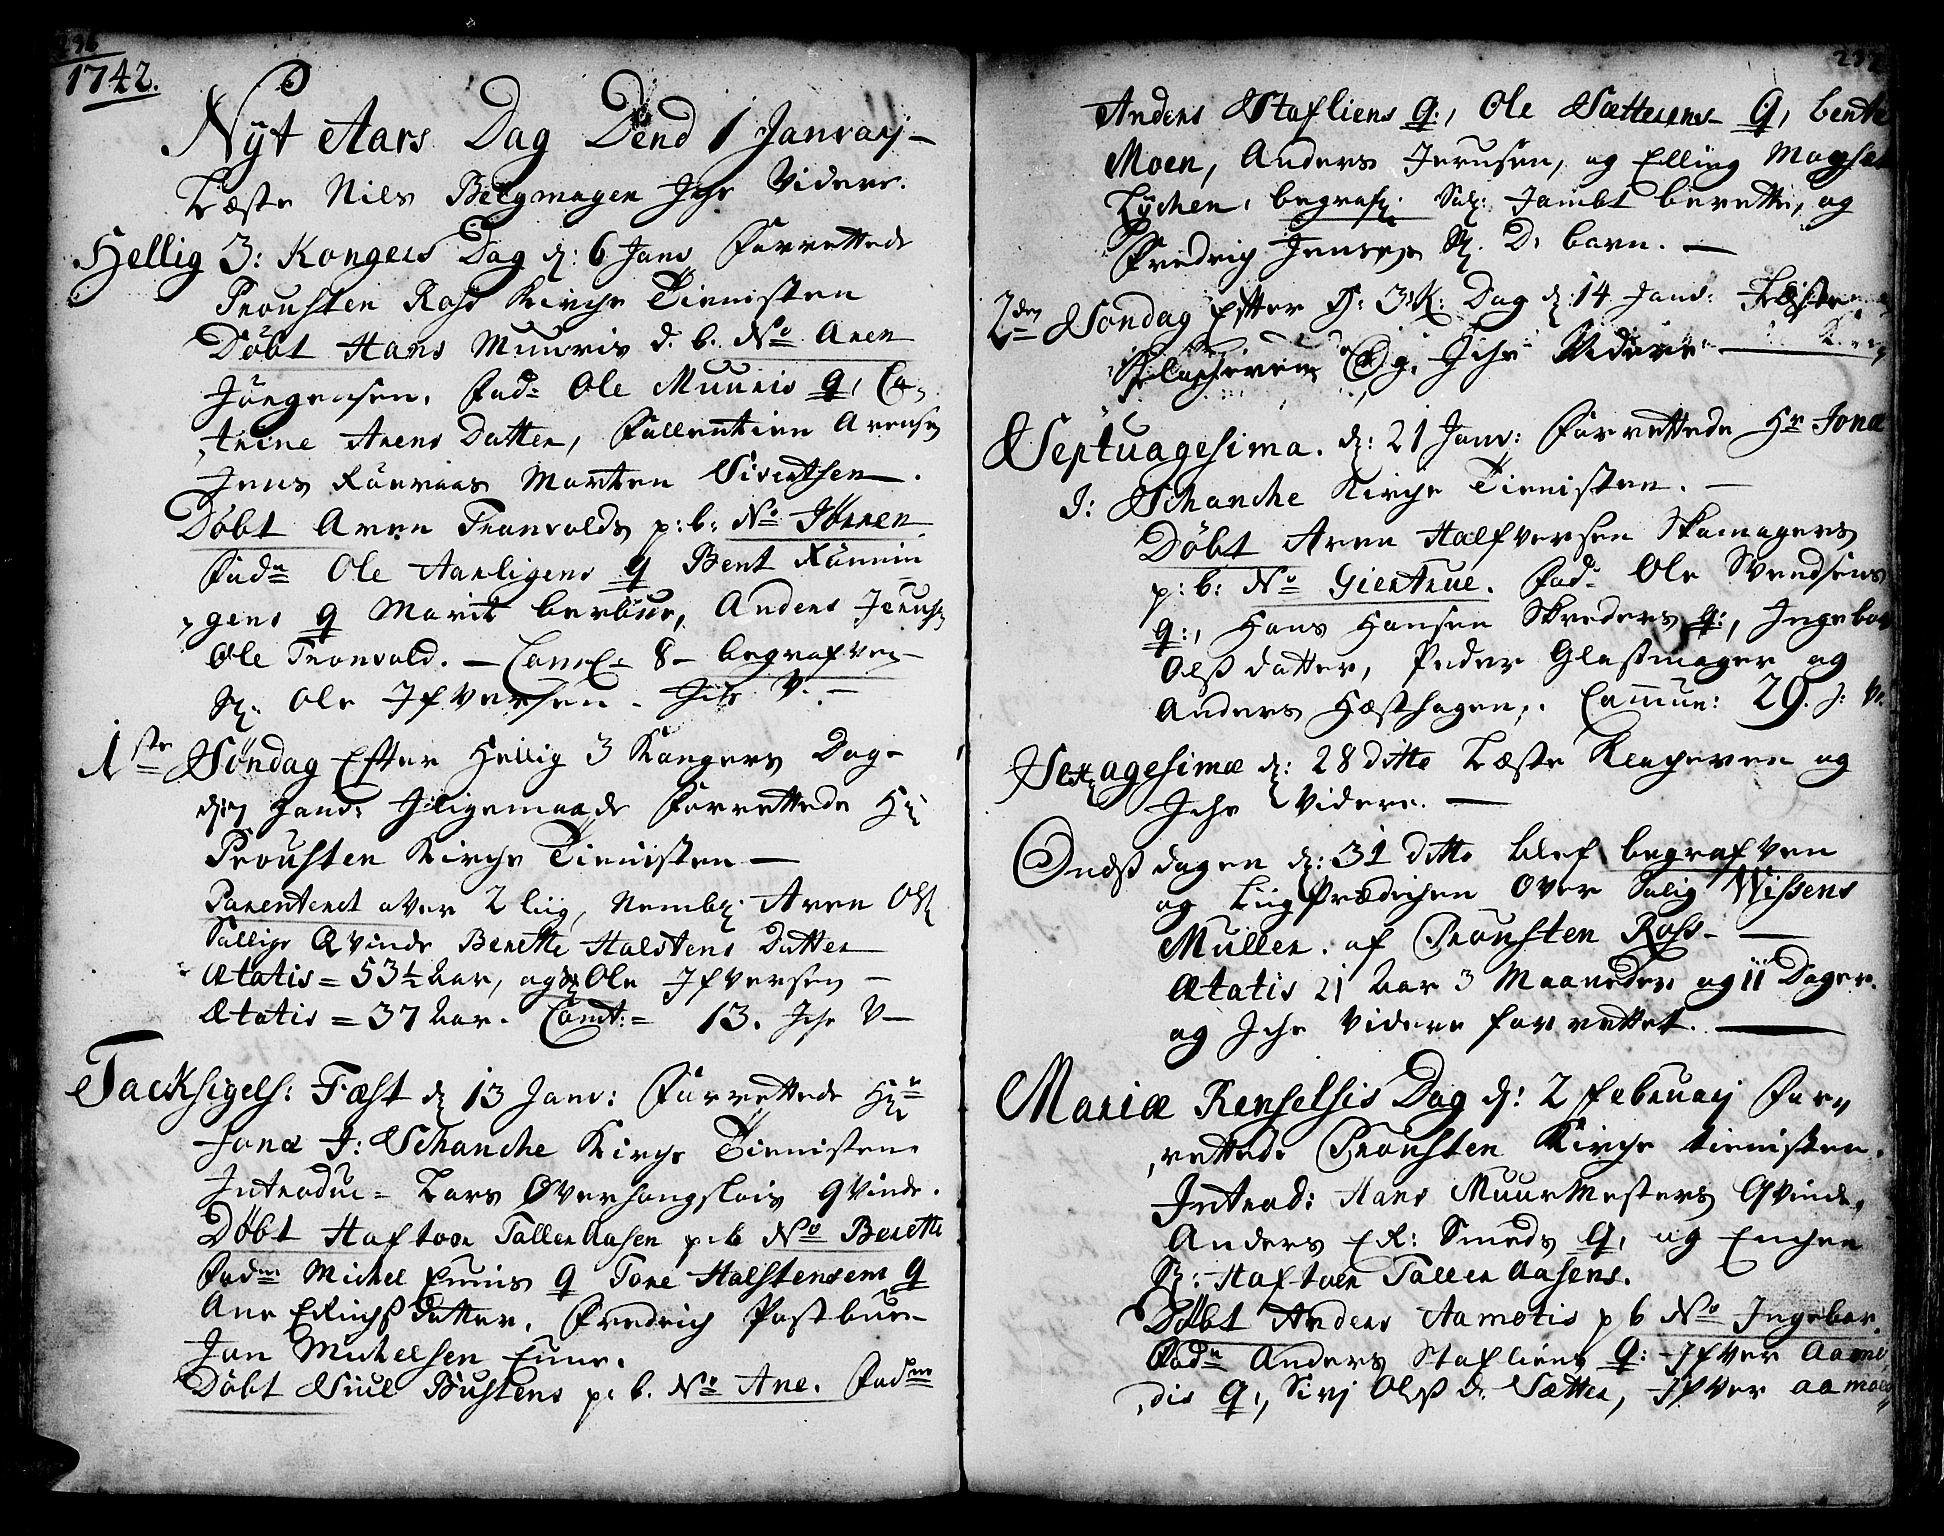 SAT, Ministerialprotokoller, klokkerbøker og fødselsregistre - Sør-Trøndelag, 671/L0839: Ministerialbok nr. 671A01, 1730-1755, s. 236-237